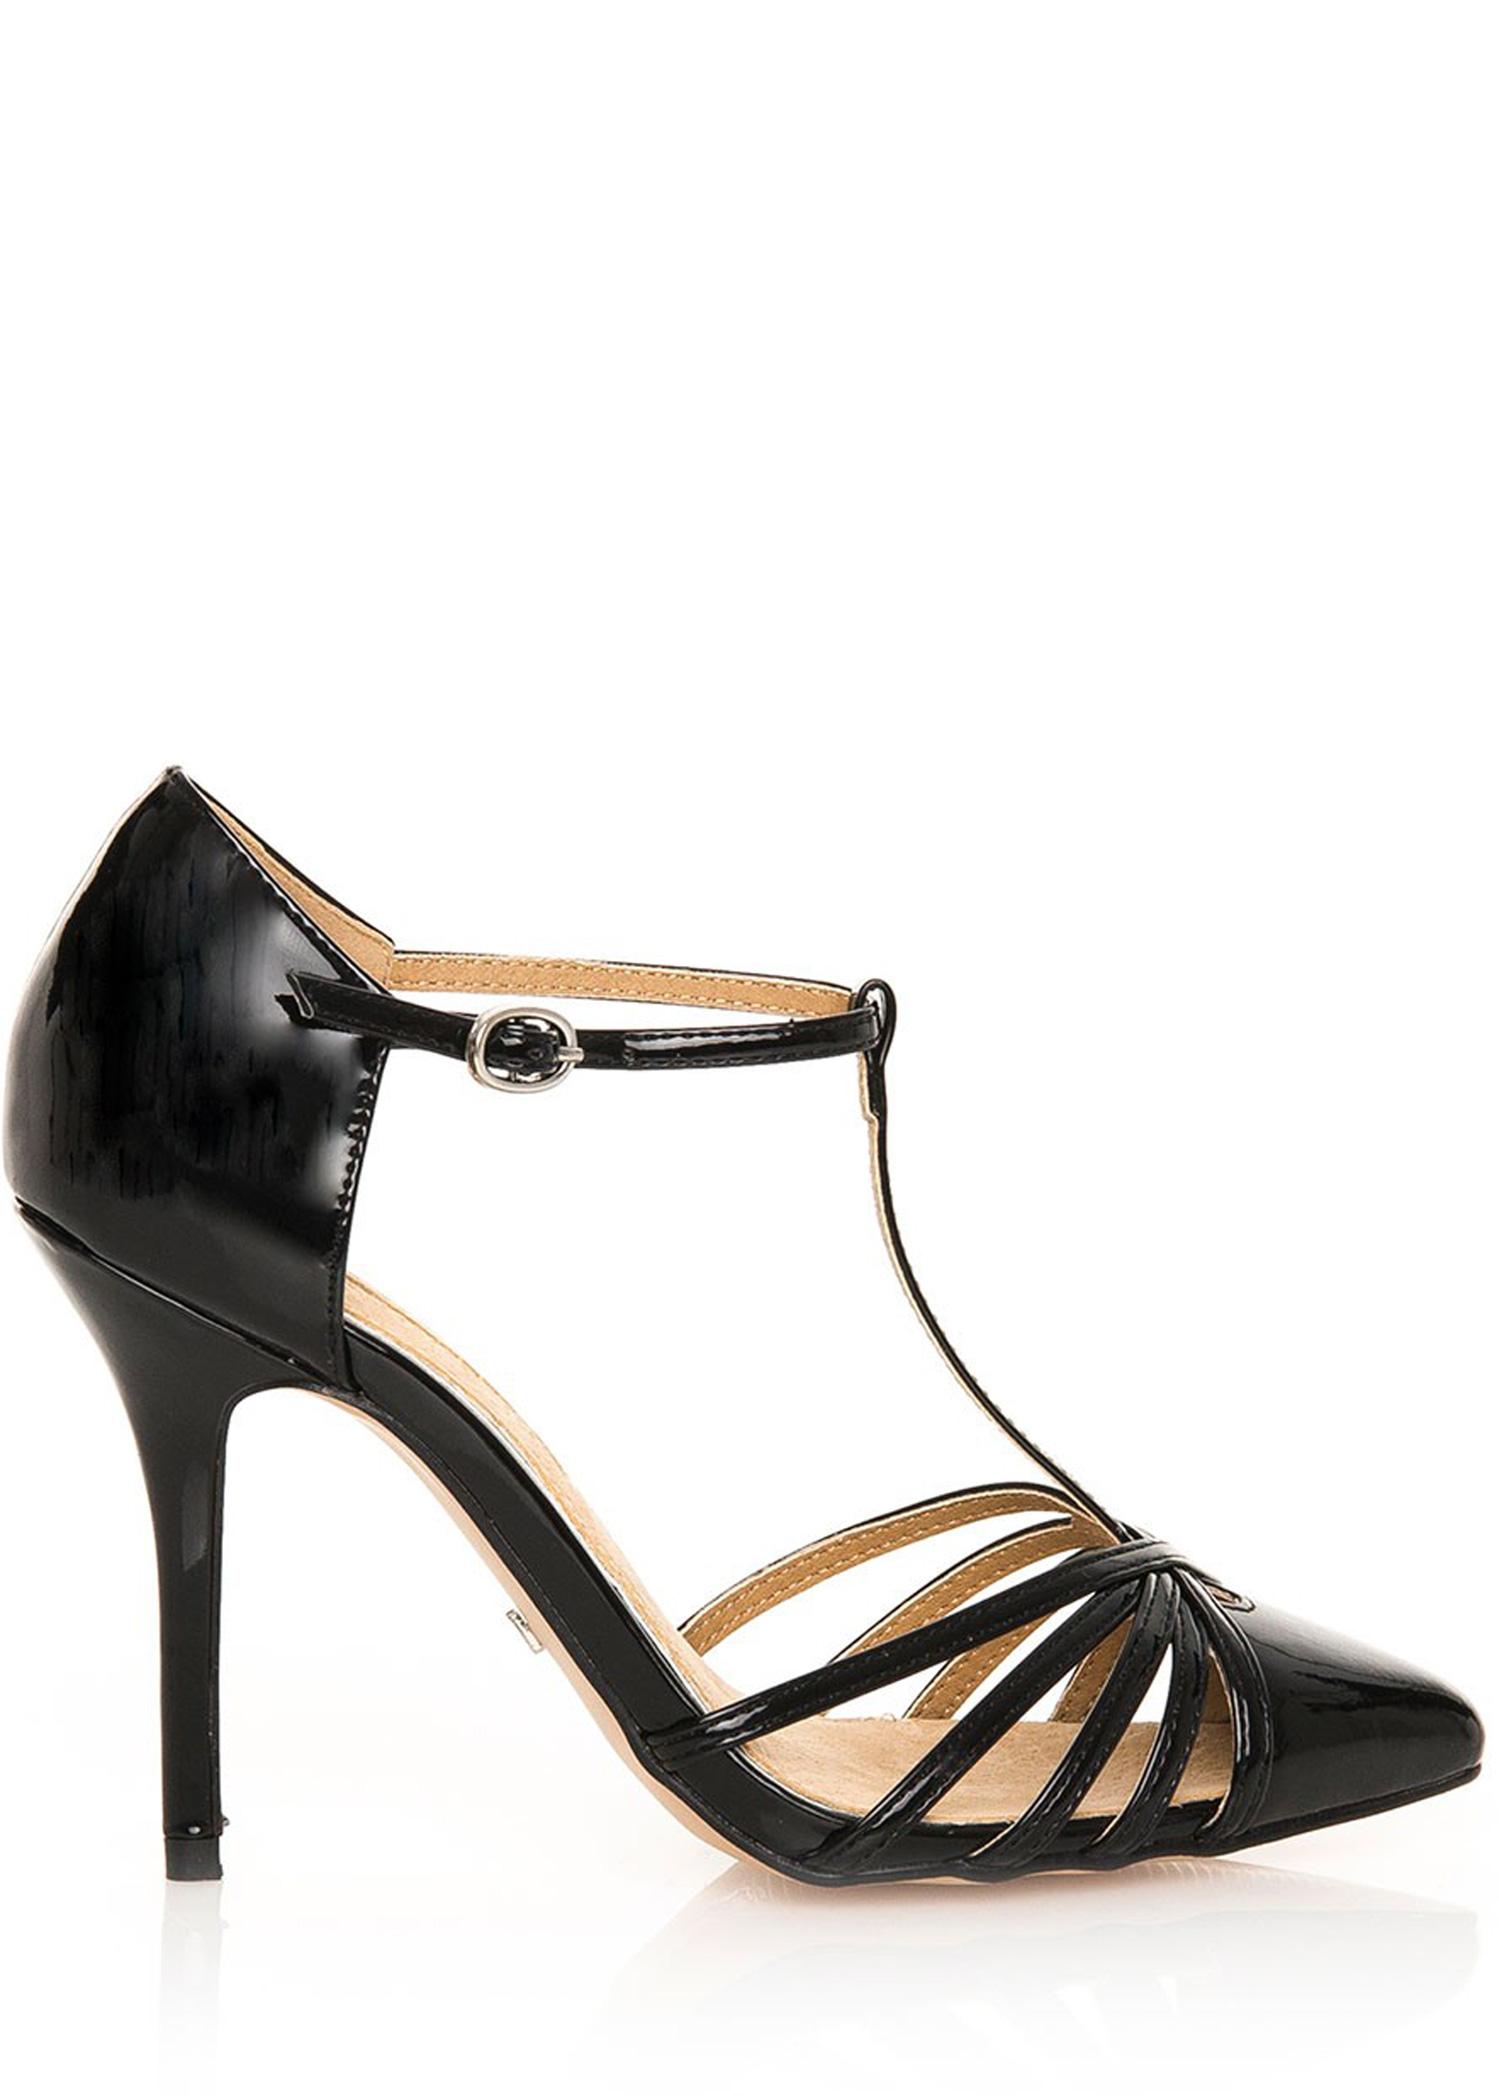 cfd450f14691 Černé sandály na jehlovém podpatku MARIA MARE Velikost  40